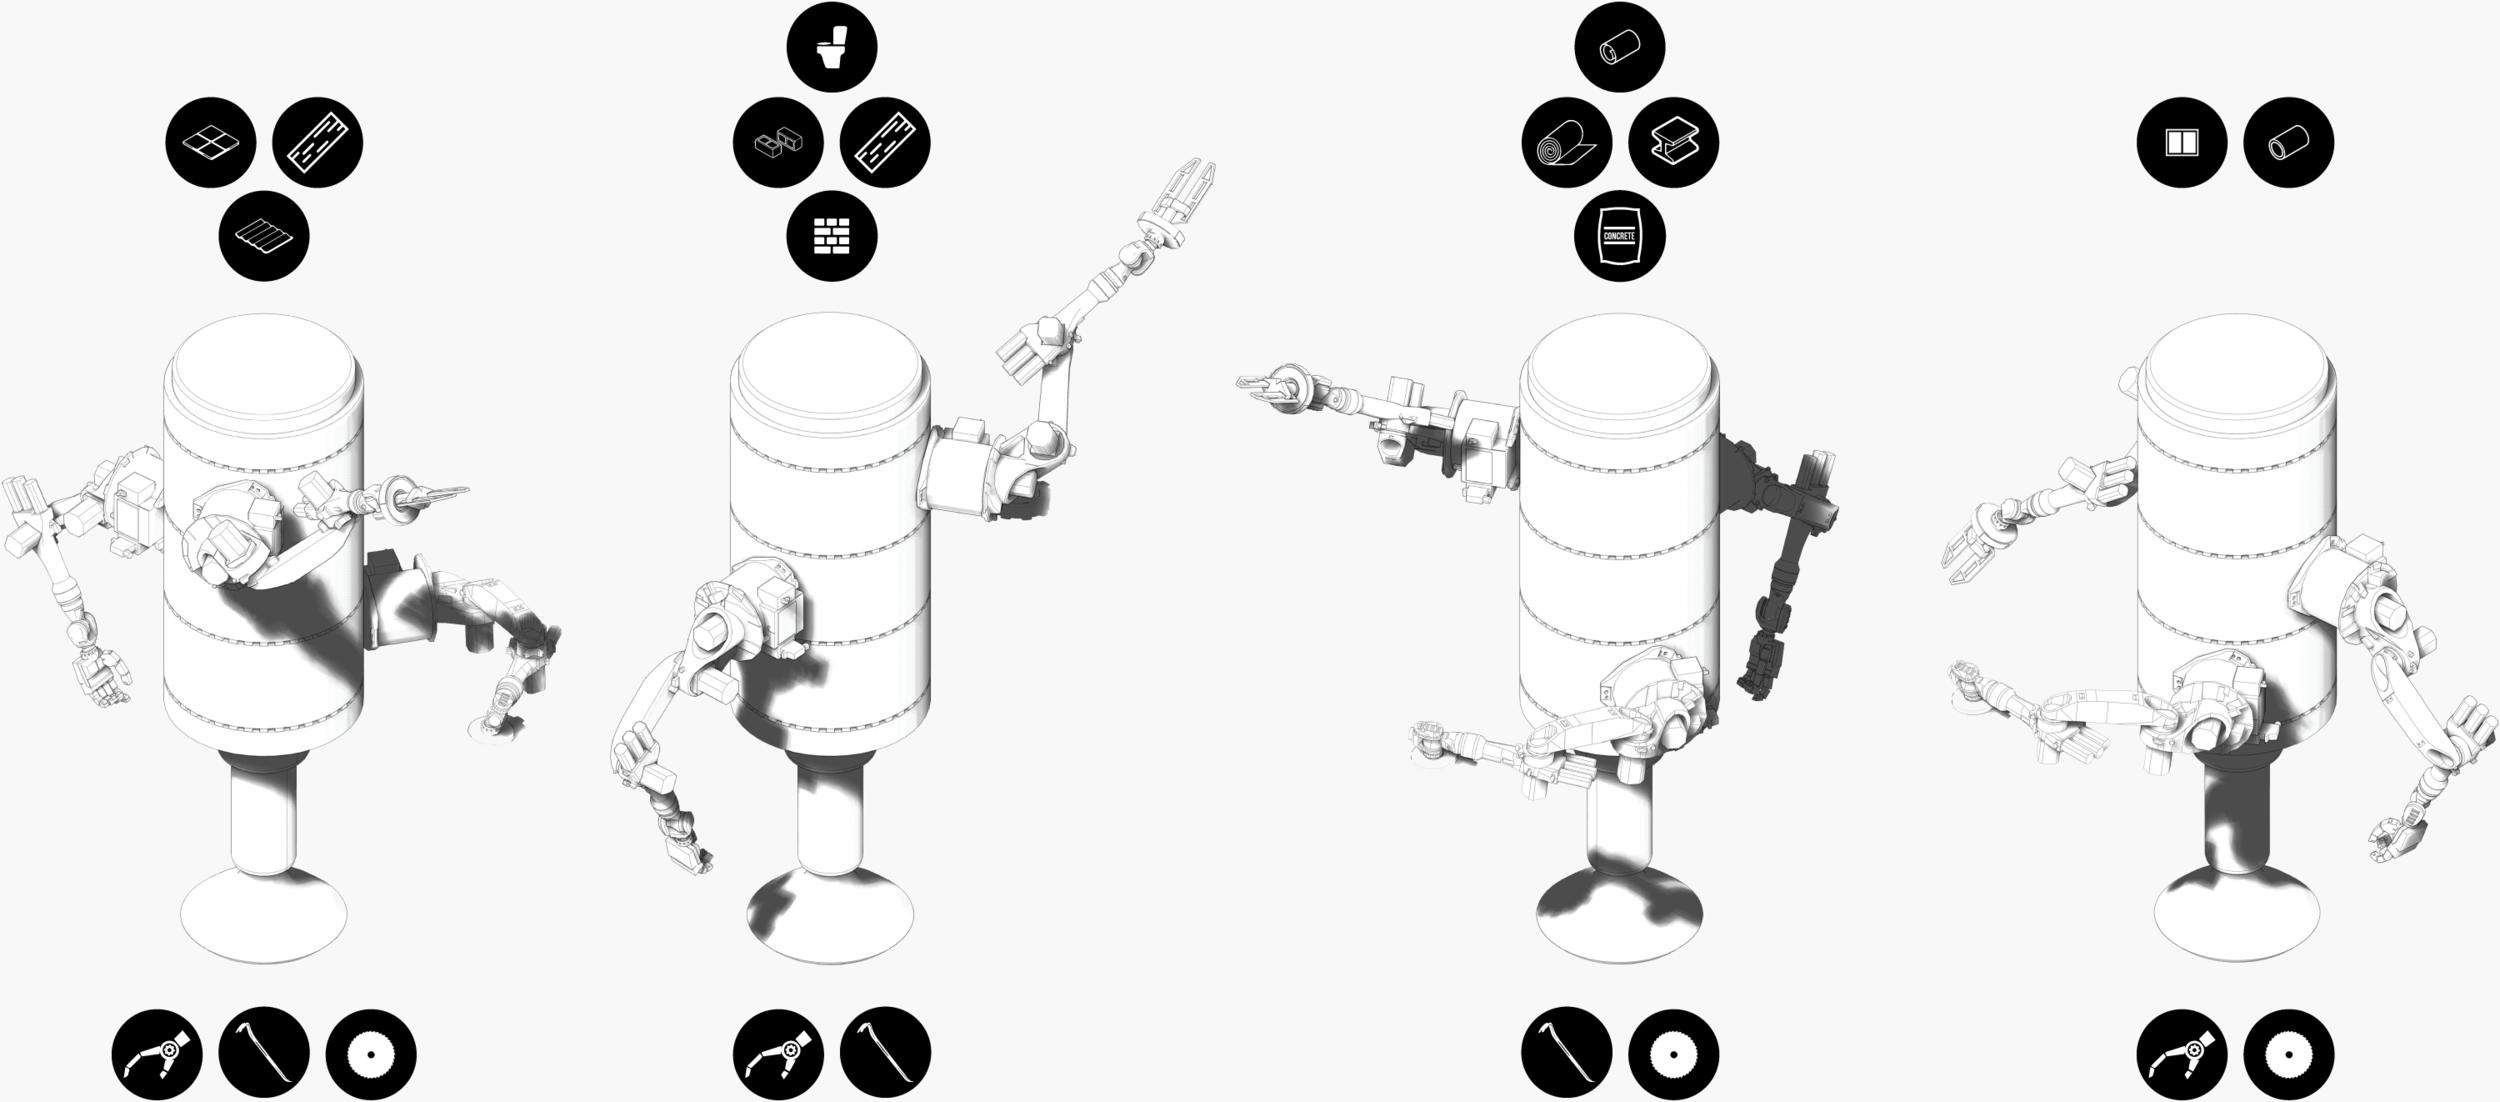 das_rcubed_Arm_Movement_Diagram.png